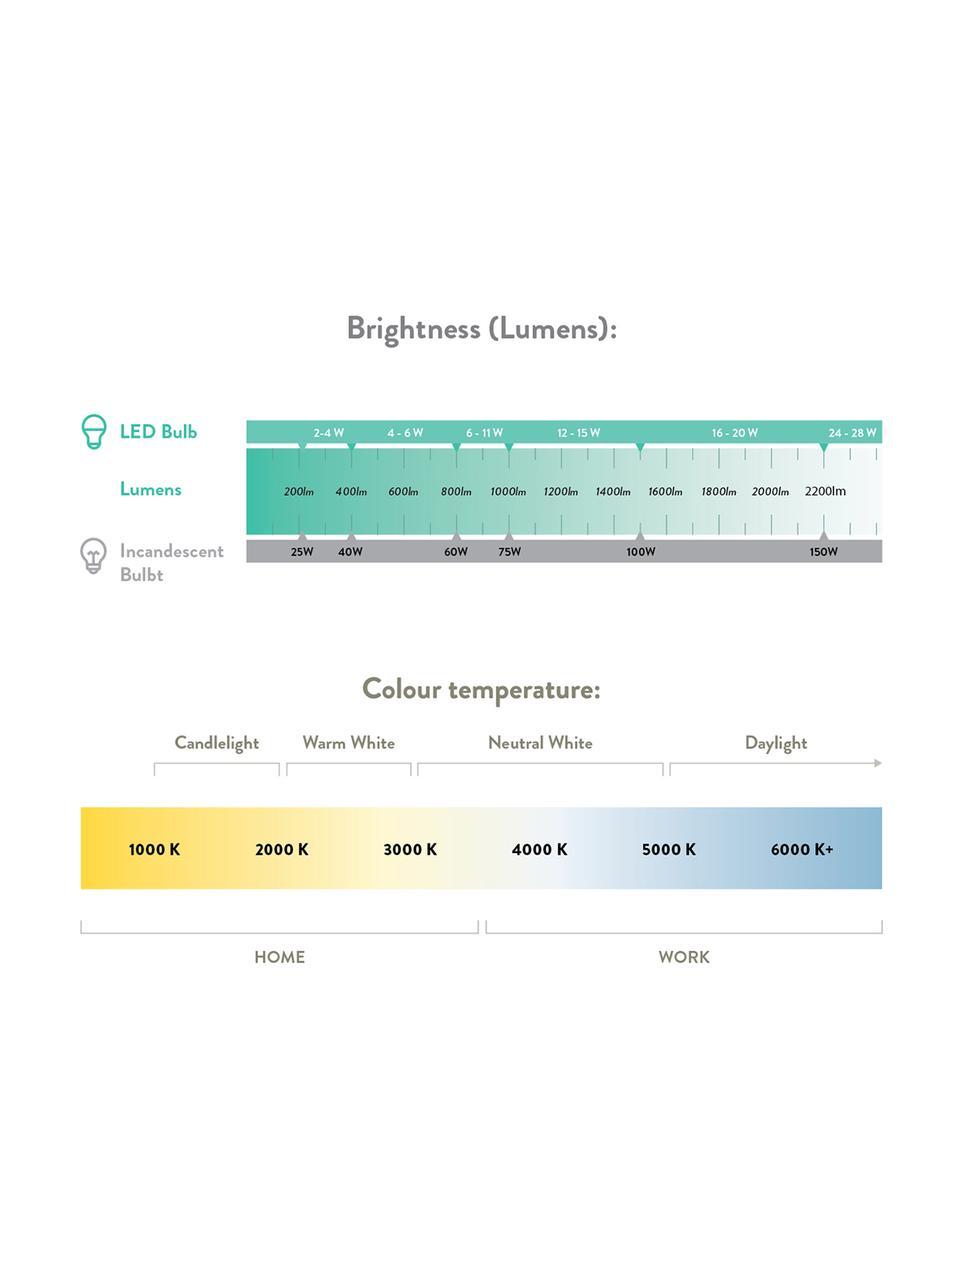 E27 Leuchtmittel, 8.3W, dimmbar, warmweiß, 3 Stück, Leuchtmittelschirm: Glas, Leuchtmittelfassung: Aluminium, Transparent, Ø 8 x H 10 cm